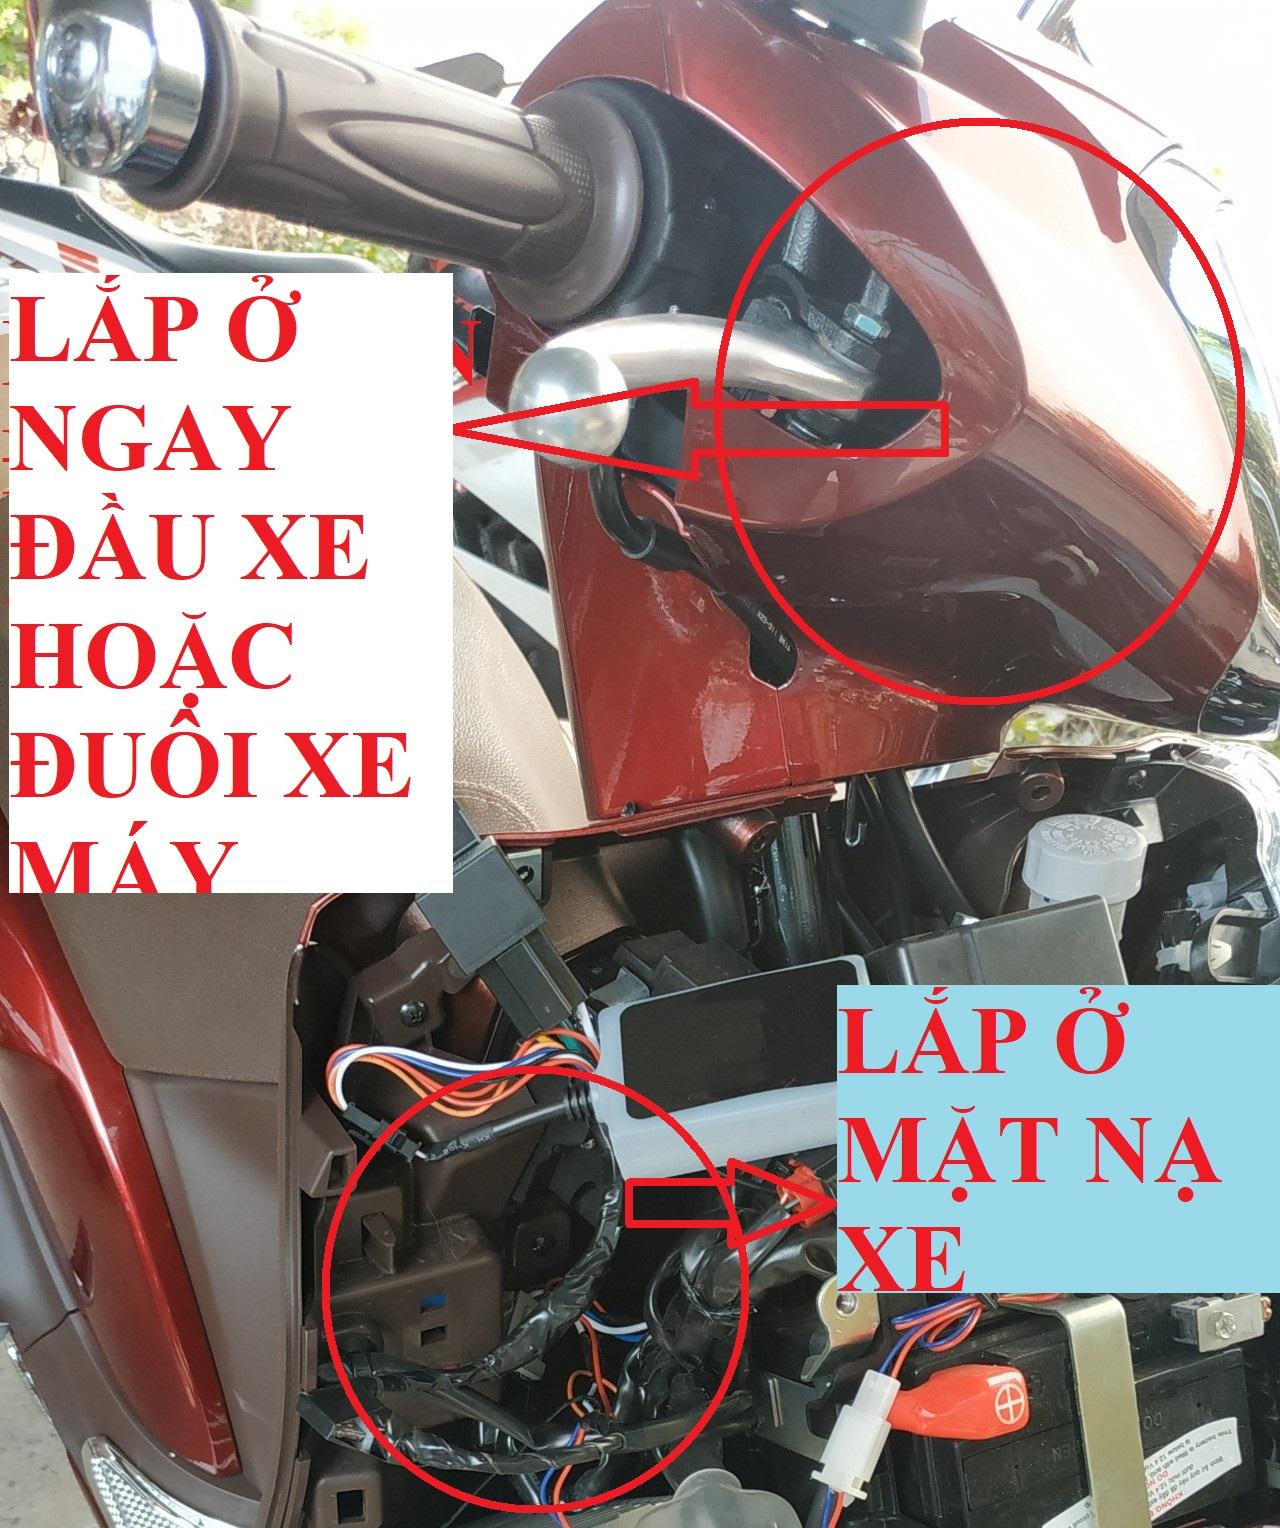 Ví trị lắp thiết bị định vị xe máy